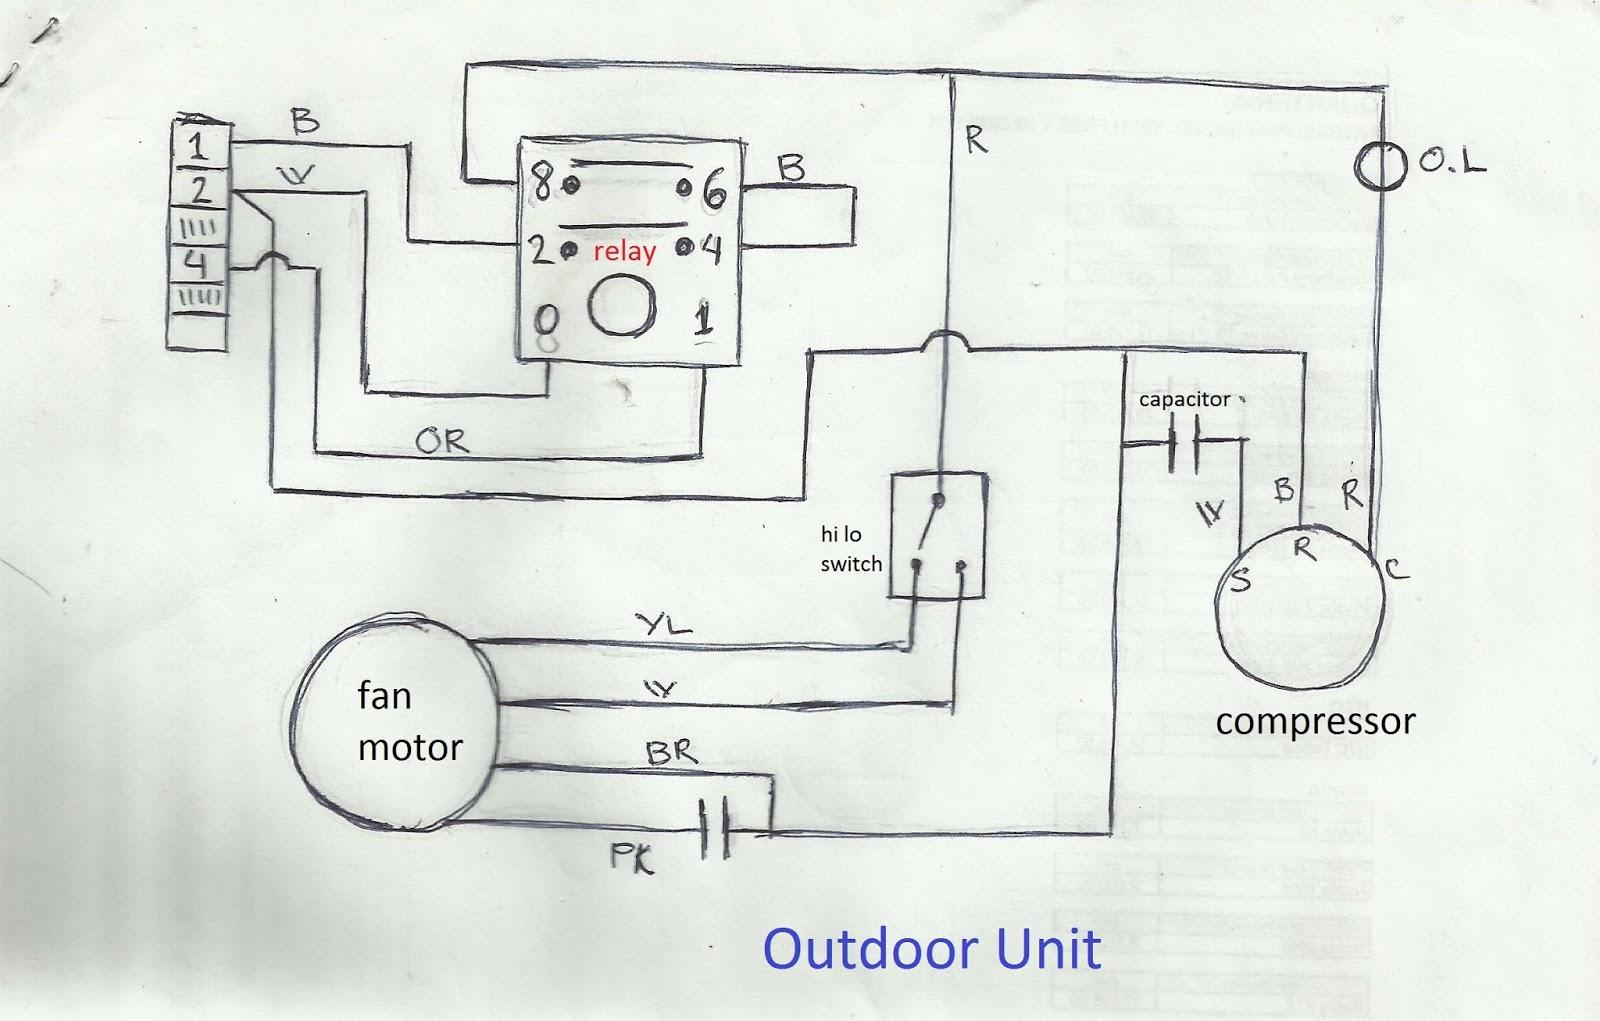 [SCHEMATICS_4ER]  Window Air Conditioner: Window Air Conditioner Thermostat Wiring | Wiring Diagram Of Window Air Conditioner |  | Window Air Conditioner - blogger